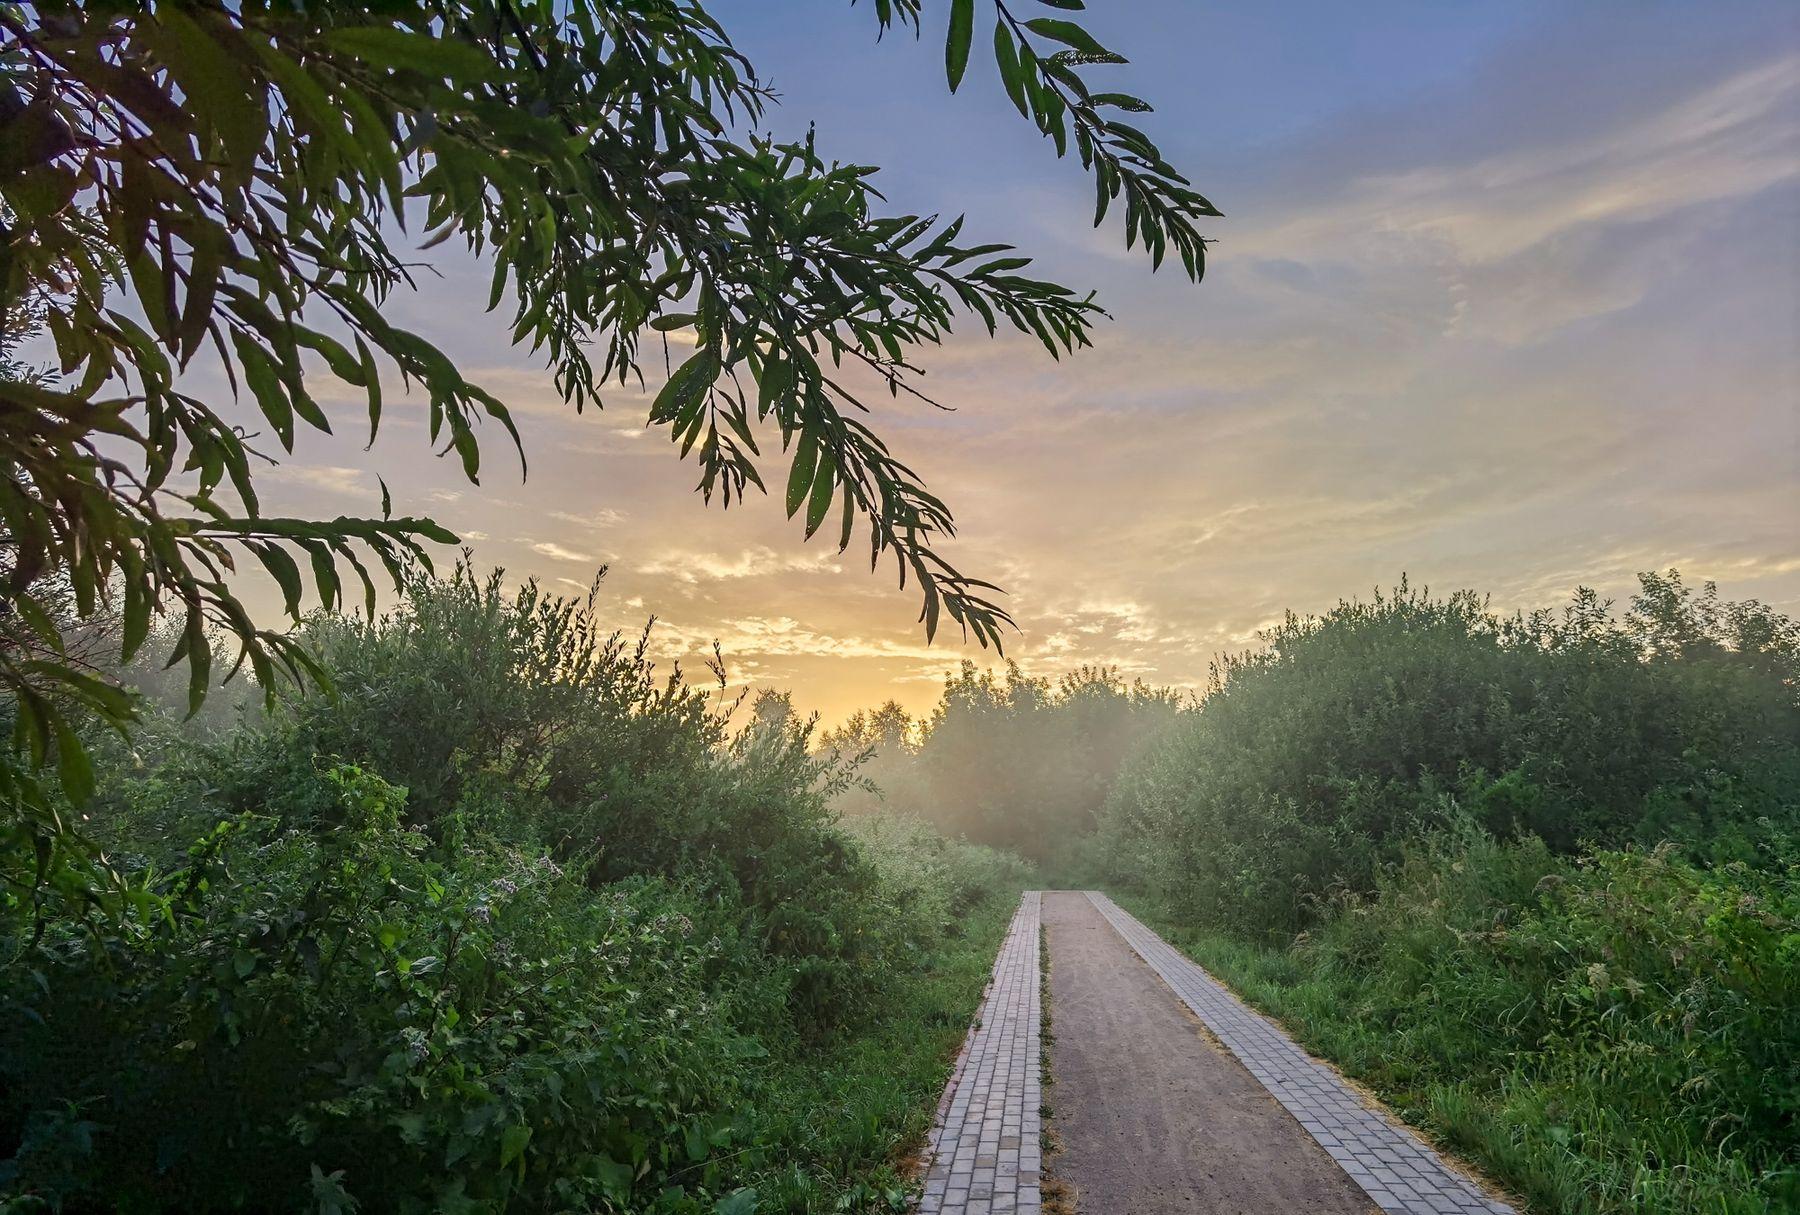 Там, где заканчиваются дорожки, начинаются  туманы лес озеро дорога тропинка туман ивы вечер закат облака